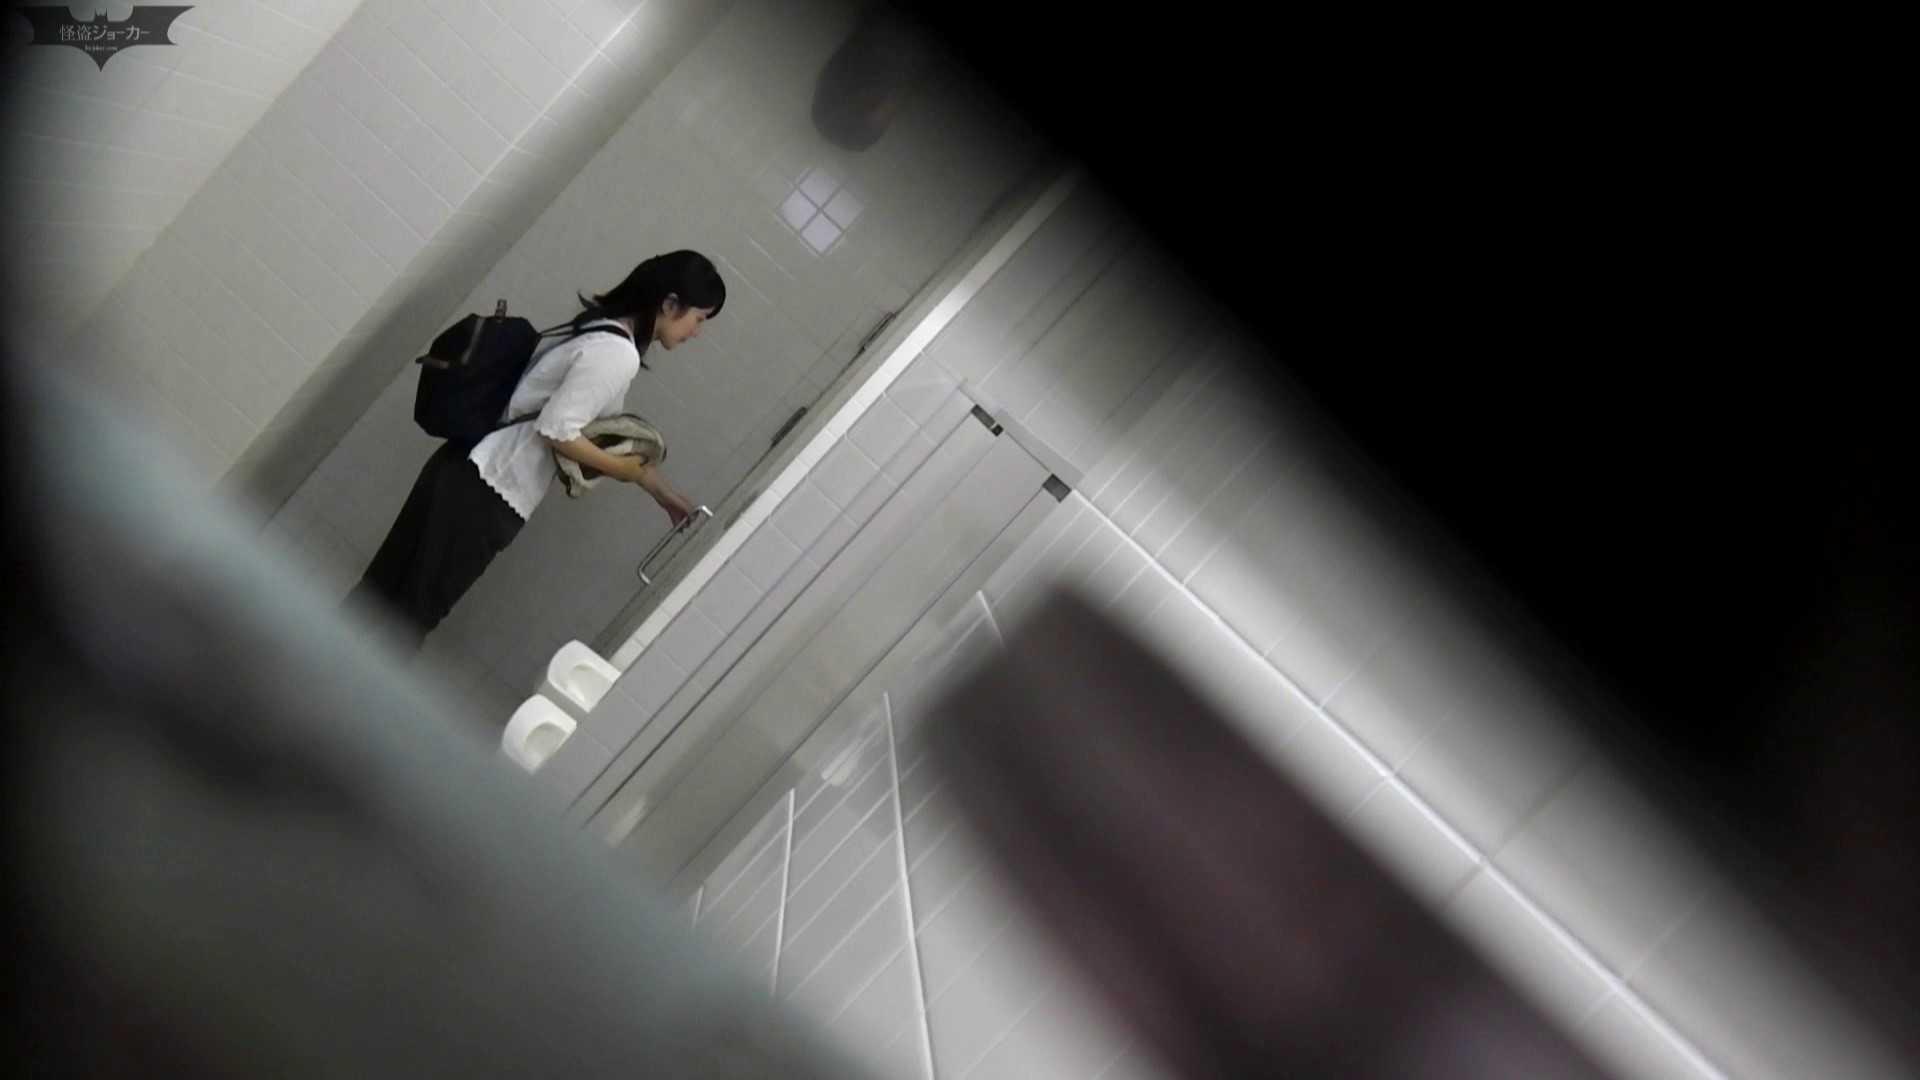 お銀 vol.68 無謀に通路に飛び出て一番明るいフロント撮り実現、見所満載 洗面所 | OL女体  94連発 82